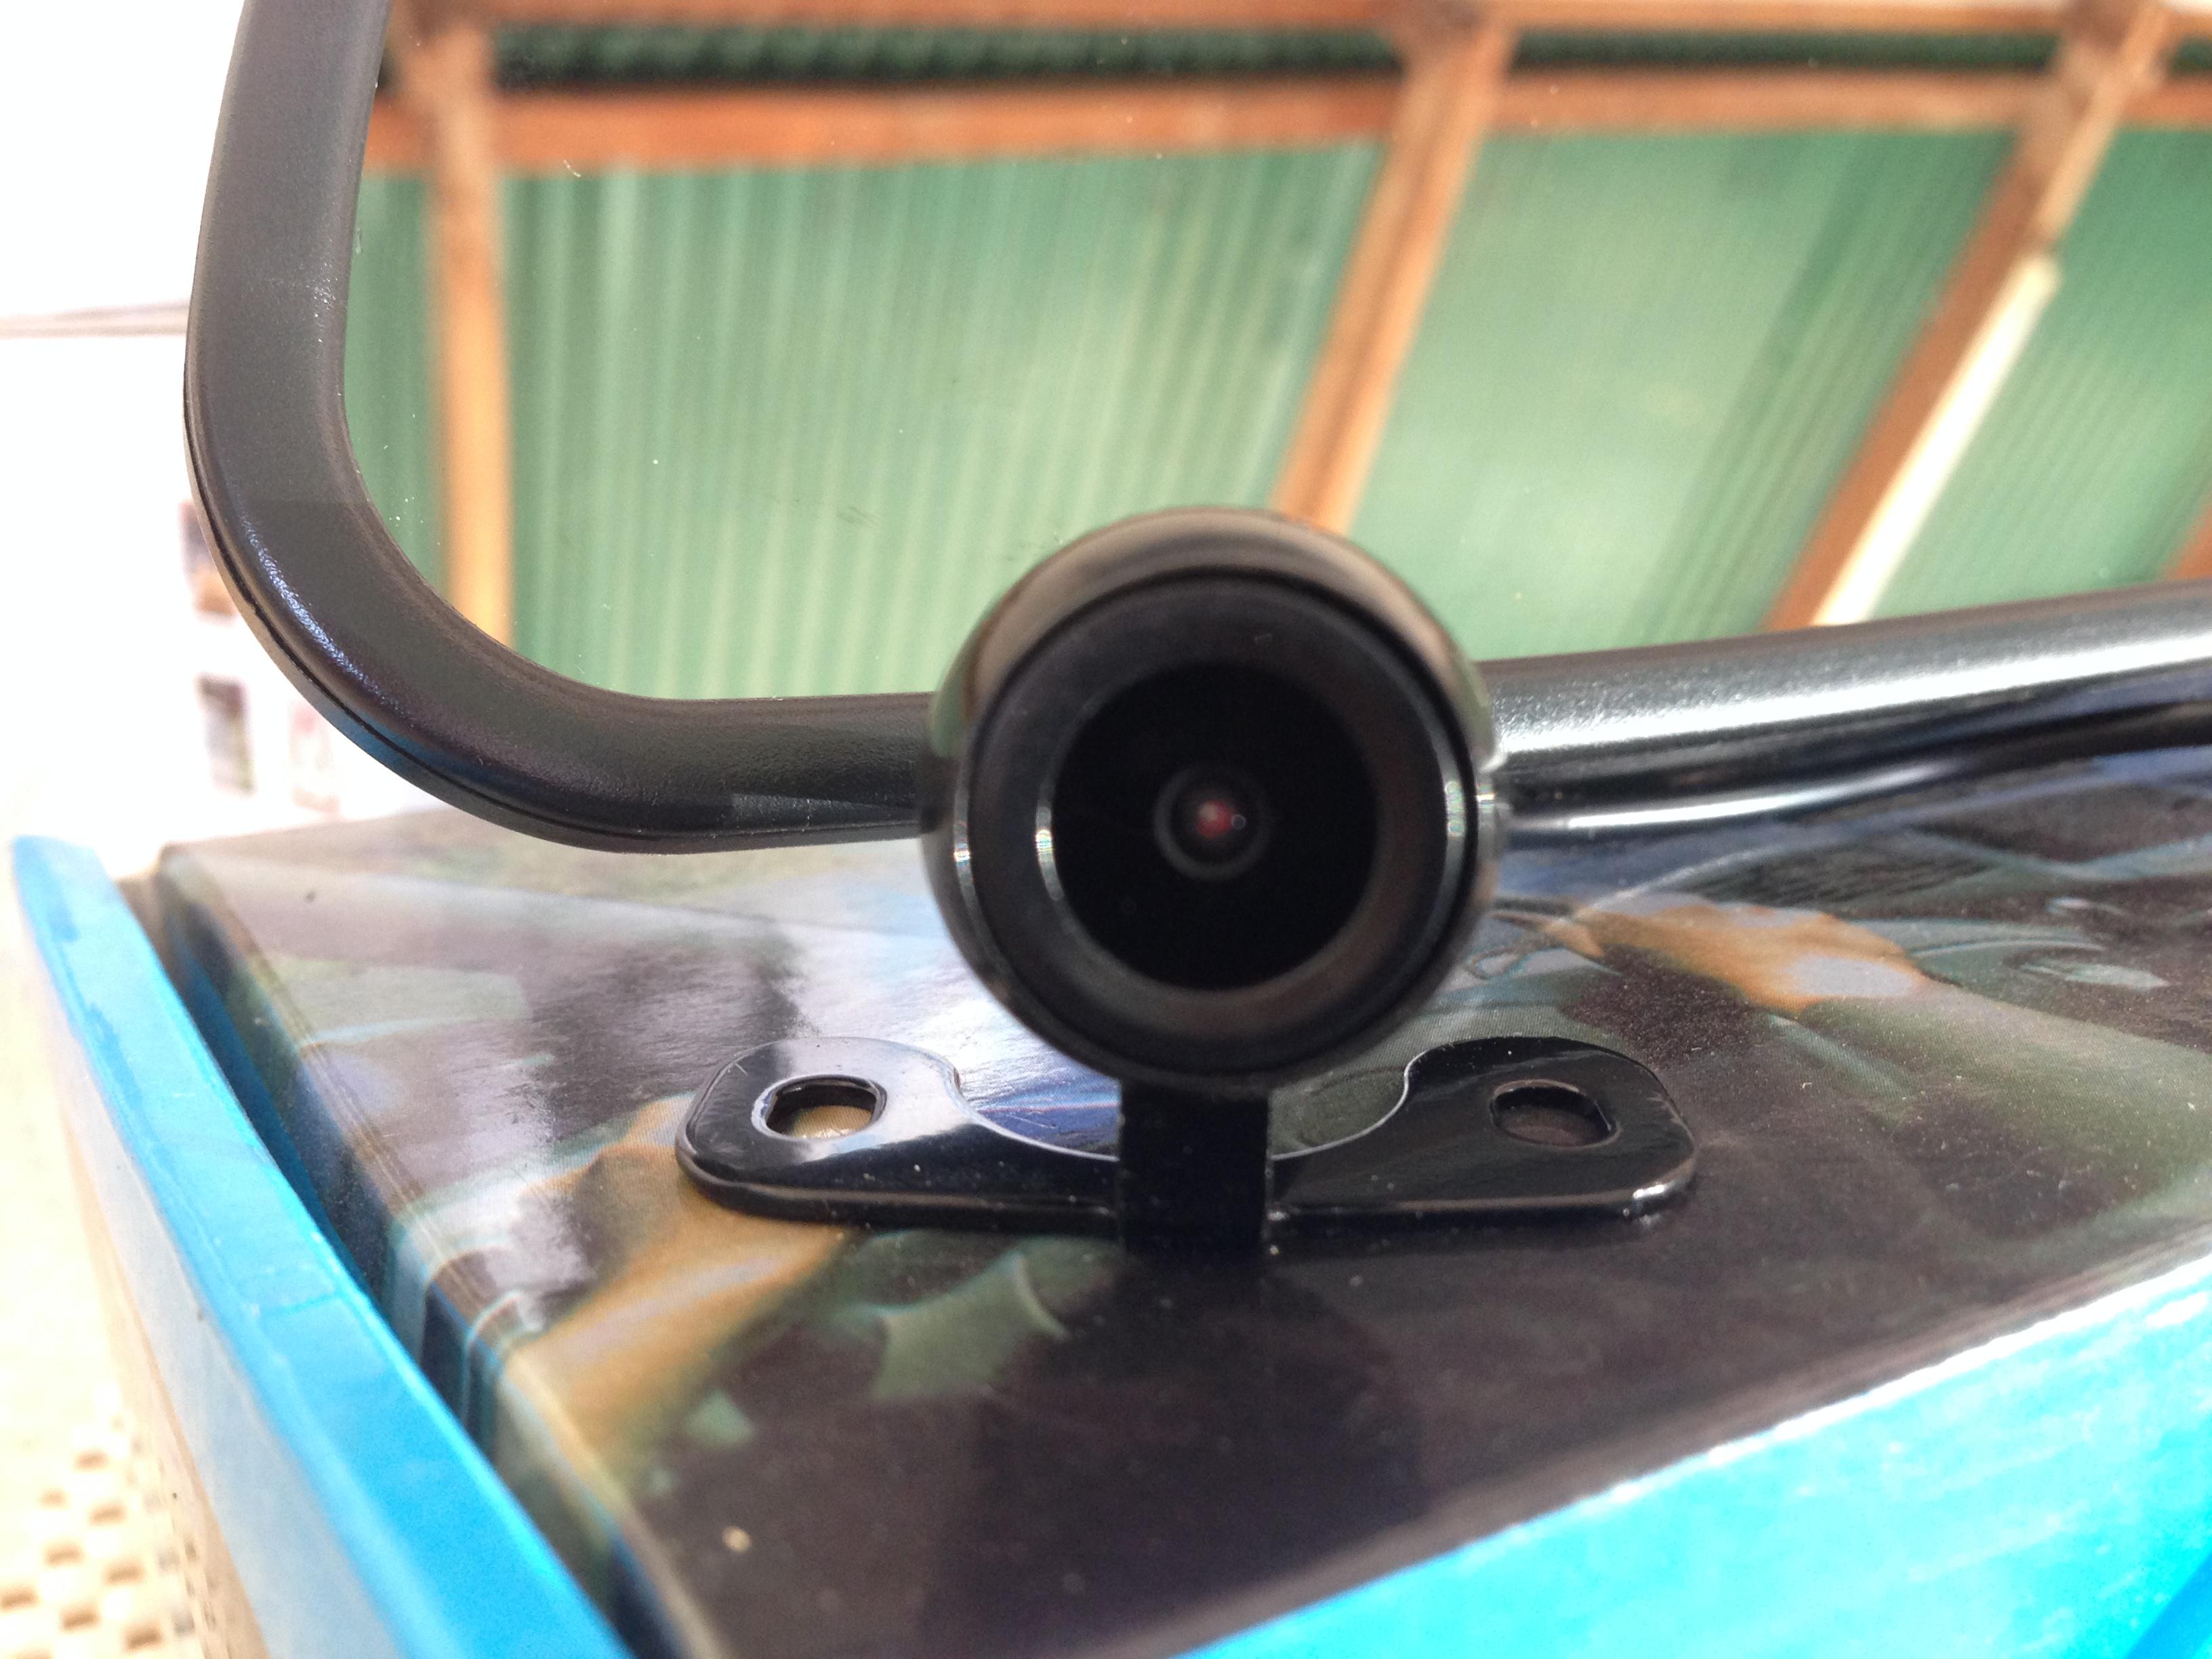 กล้องมองหลังอินฟาเรดแบบปีกผีเสื้อ